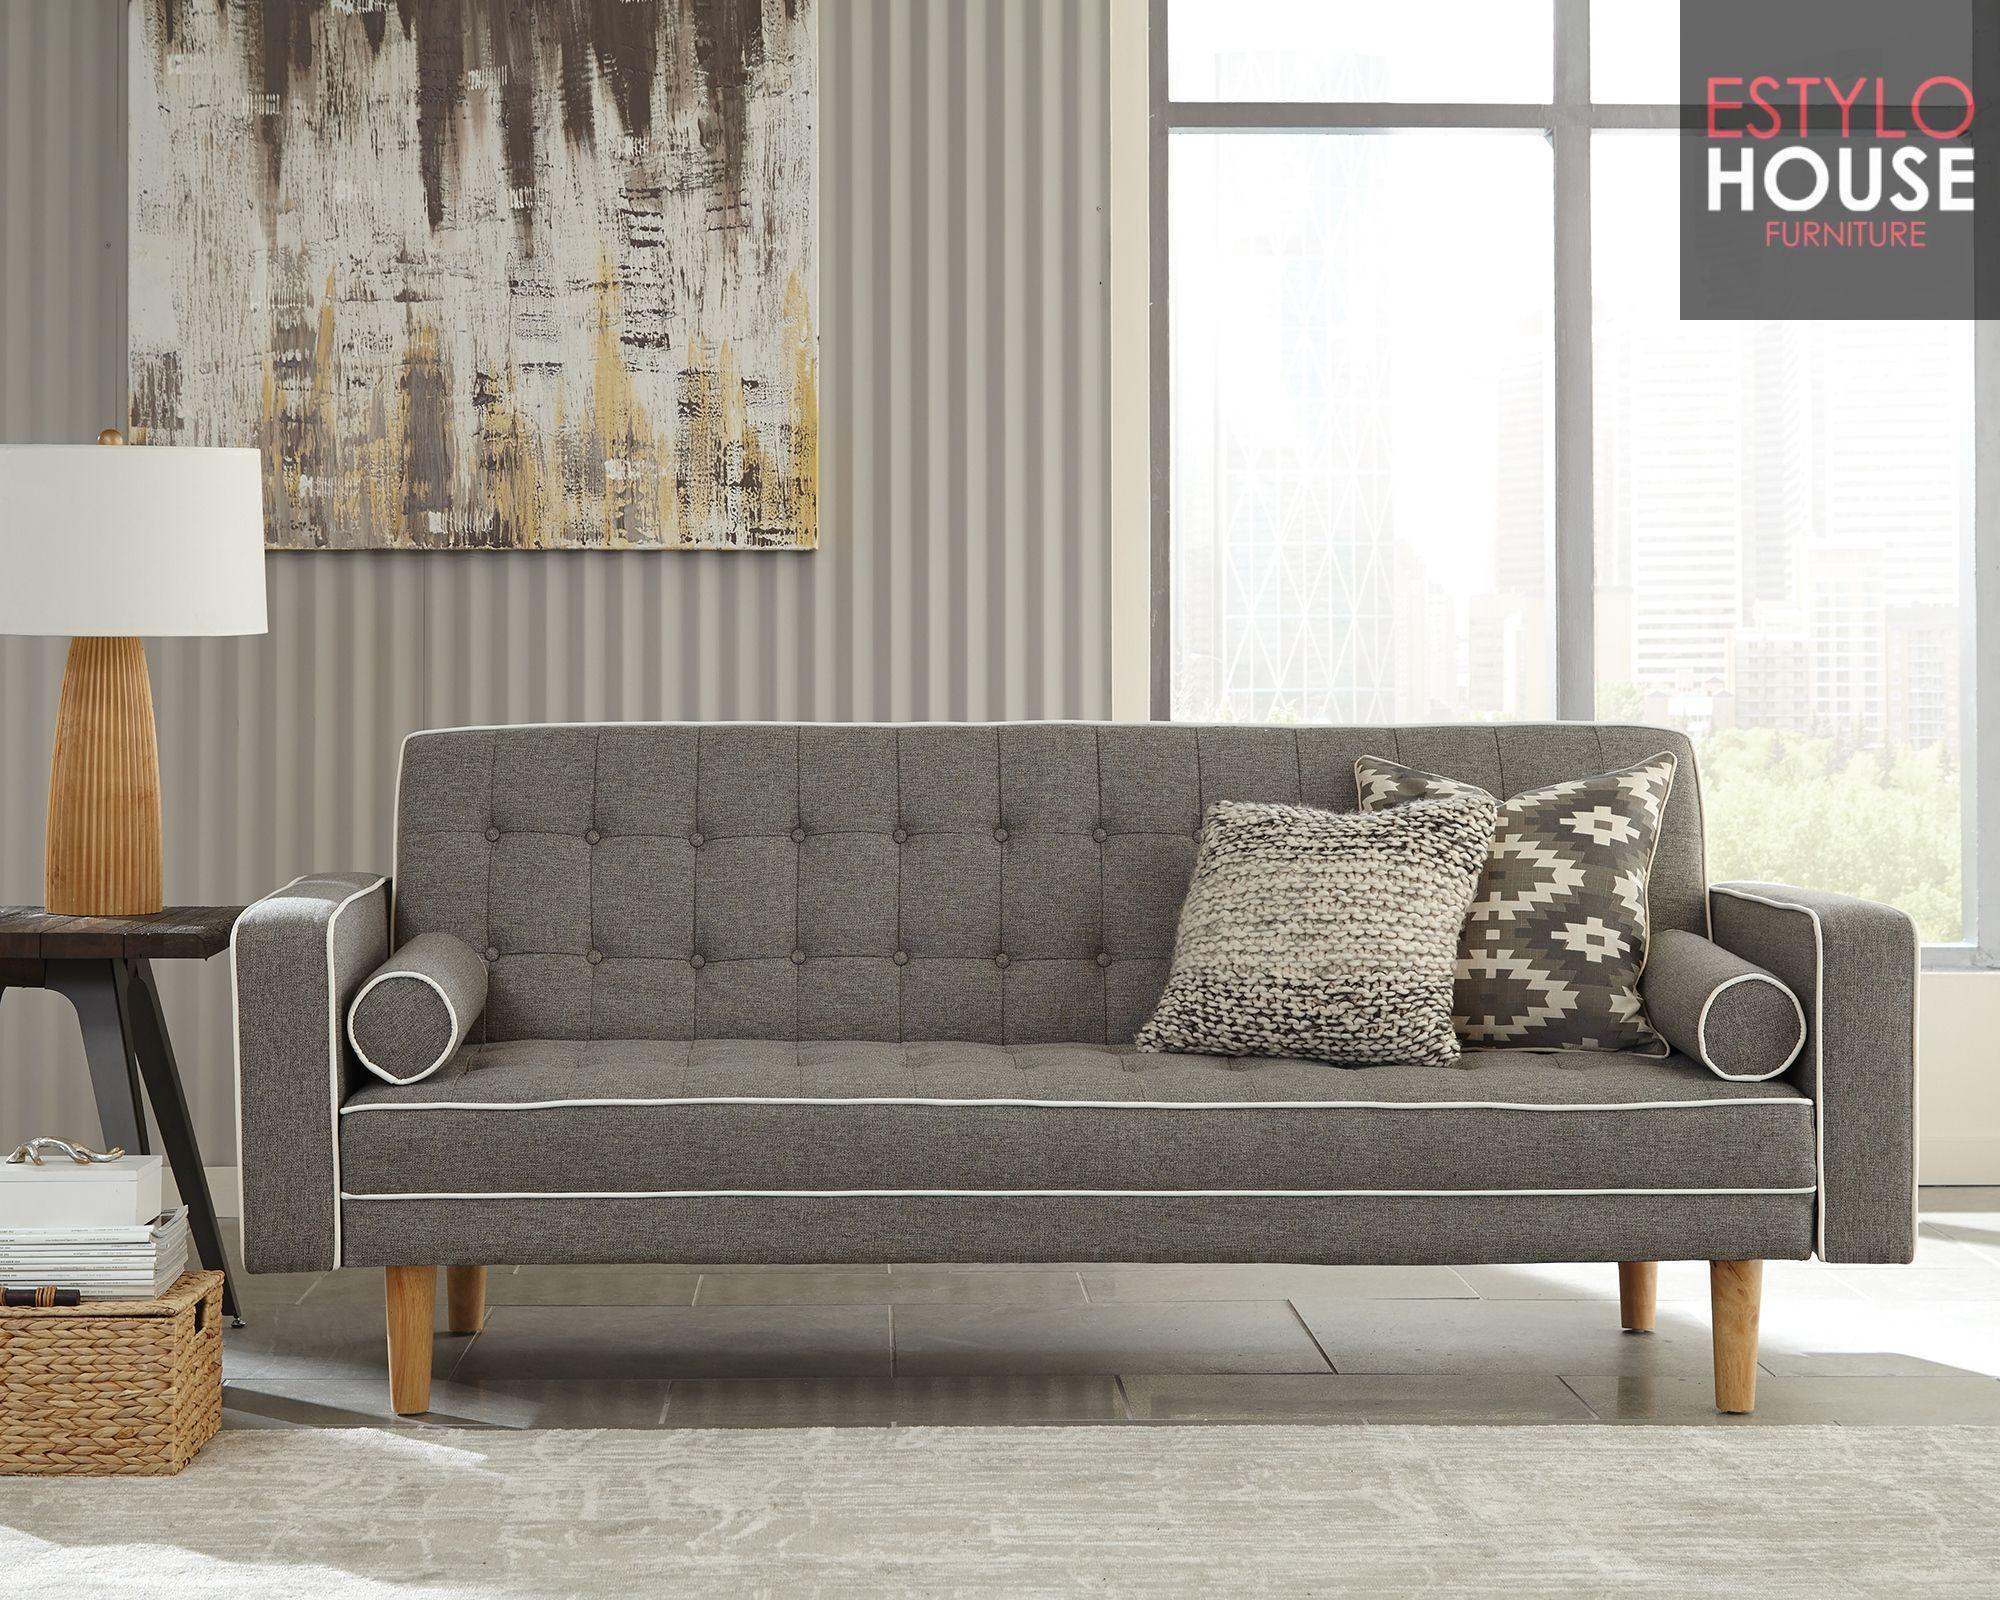 Venta de Sofa Cama Futon Gris, Sofa cama moderno,sofa cama matrimonial